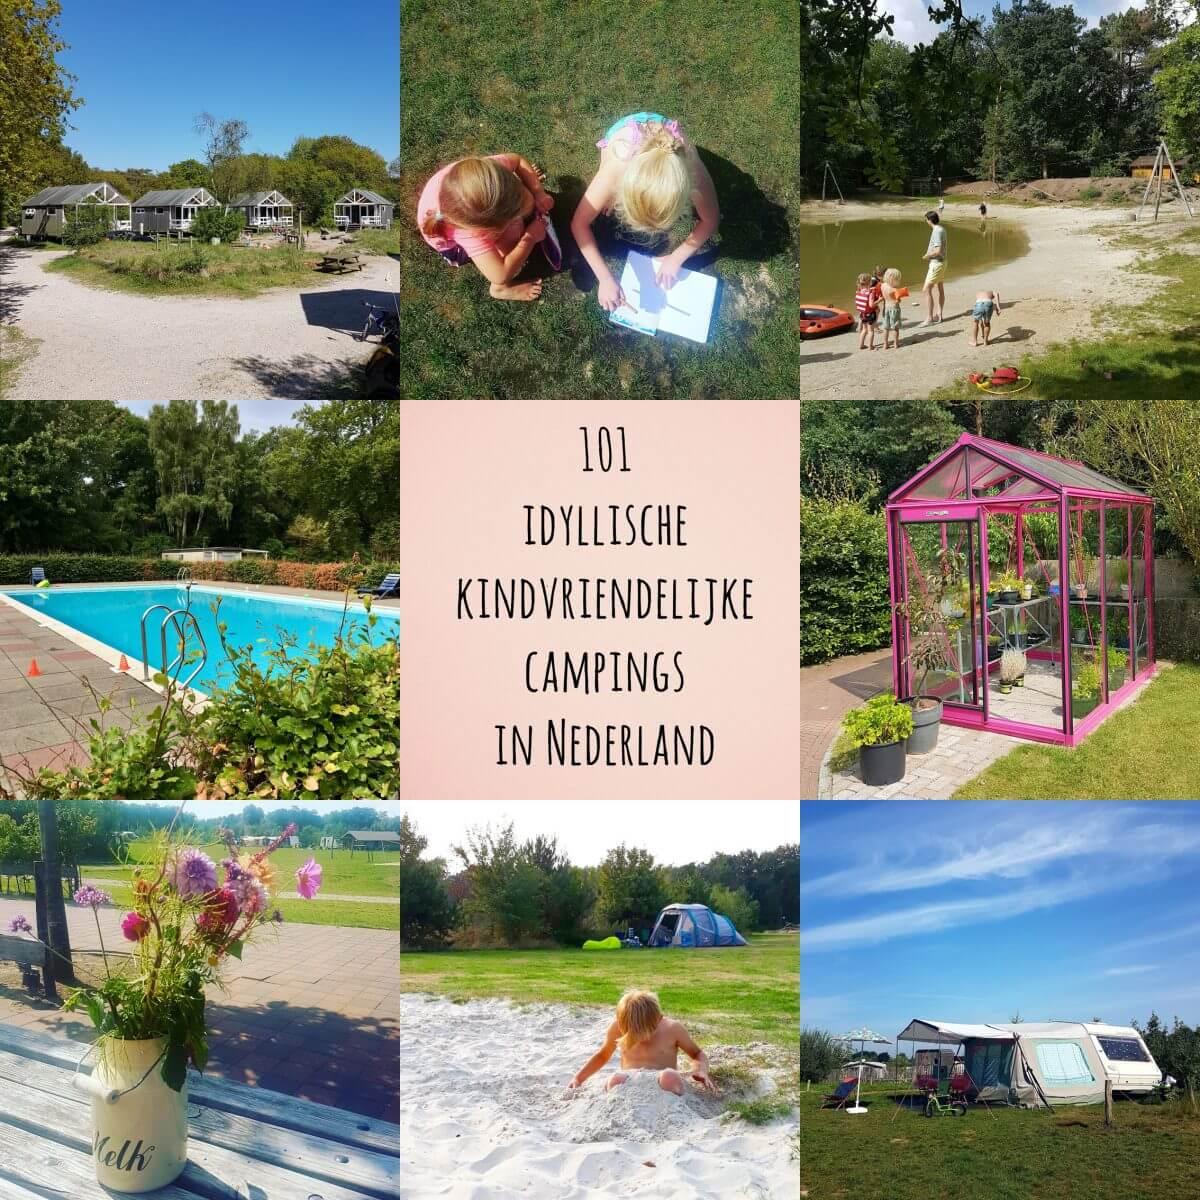 Kamperen met kinderen: 101 idyllische kindvriendelijke campings in Nederland